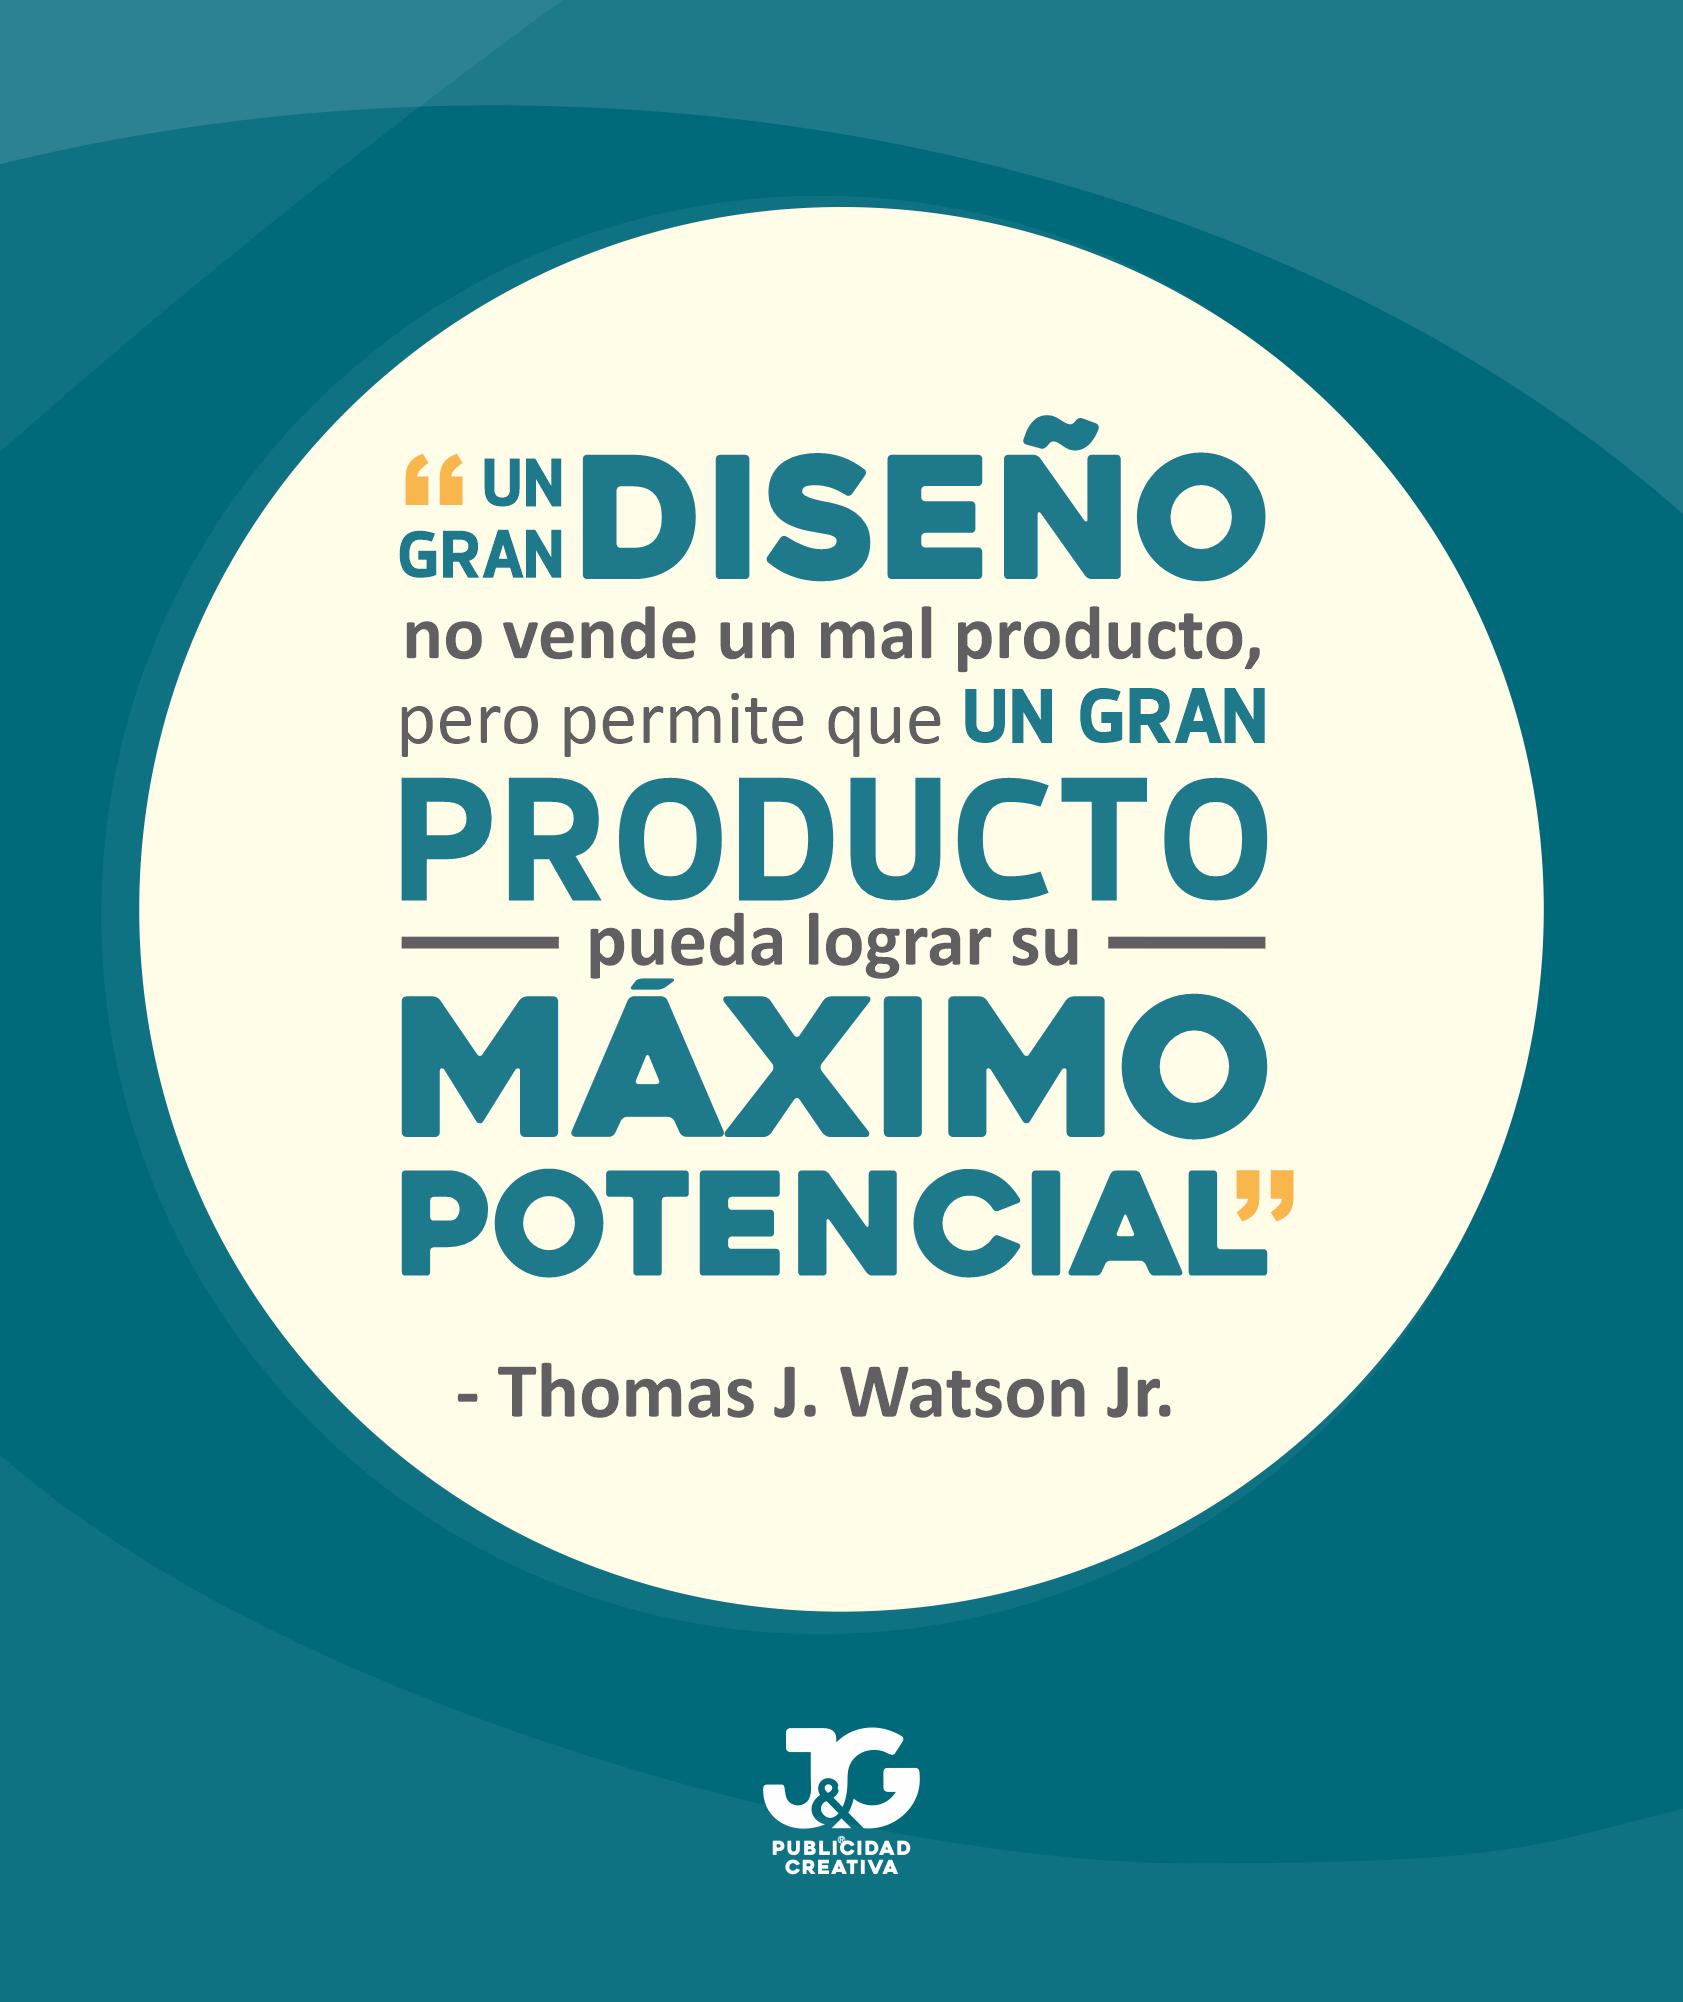 Thomas-J.-Watson-Jr.-Segundo-Presidente-de-IBM